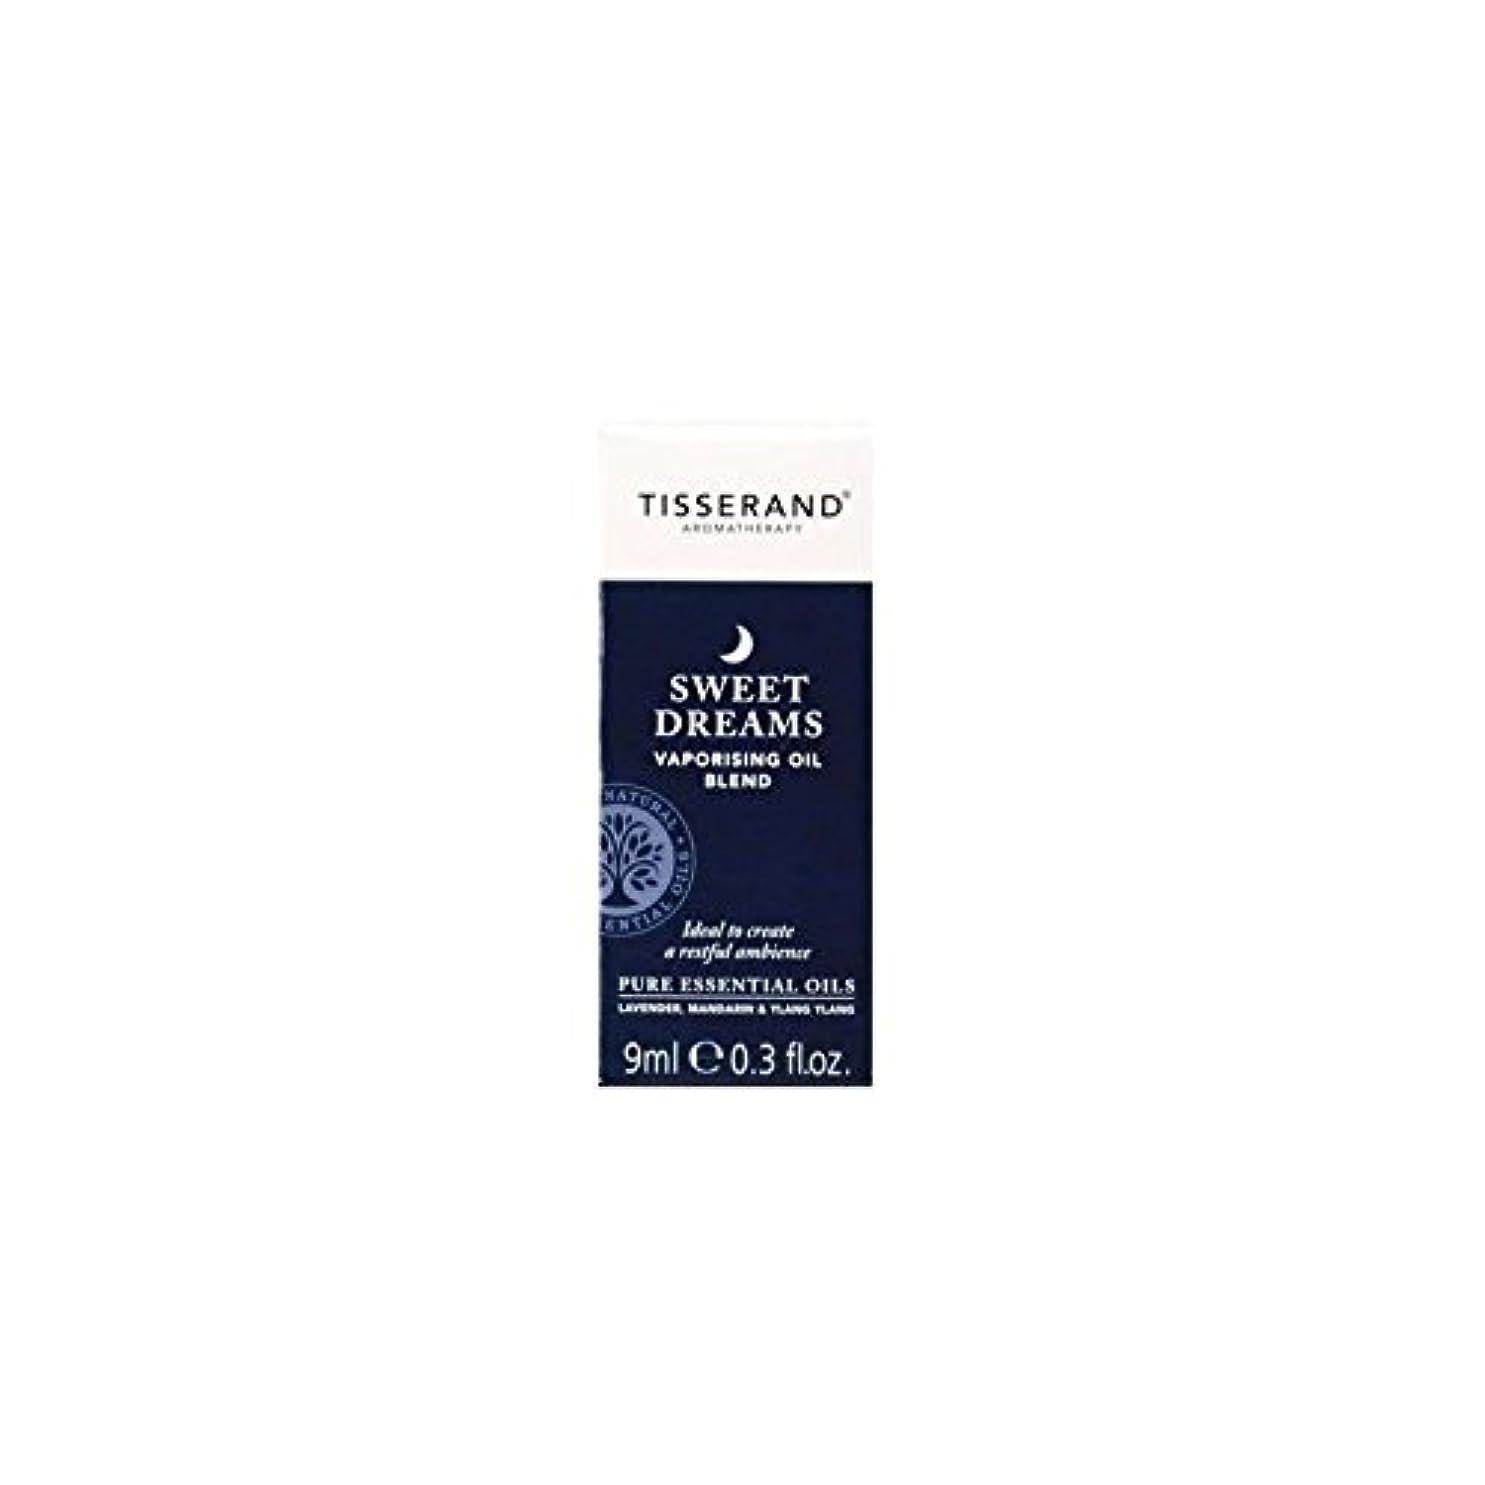 事務所凍ったイデオロギーオイル9ミリリットルを気化甘い夢 (Tisserand) - Tisserand Sweet Dreams Vaporising Oil 9ml [並行輸入品]